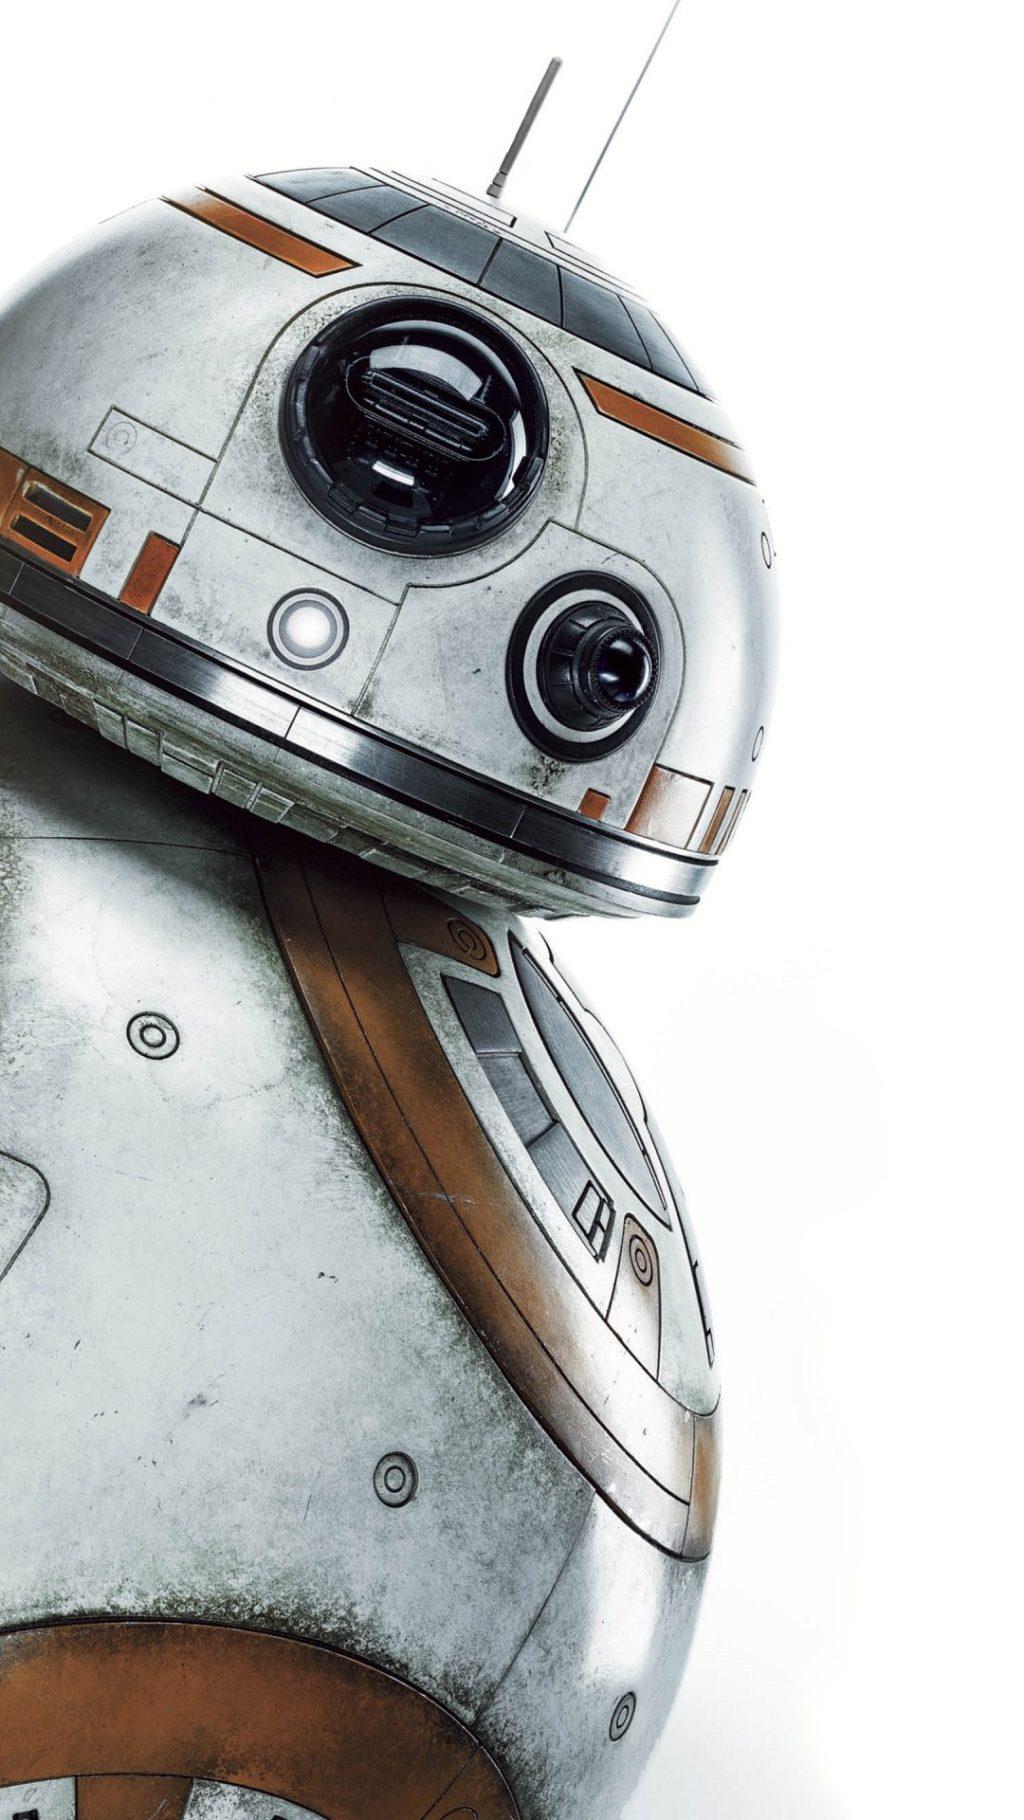 Star Wars Wallpaper Hd Bb 8 1024x1820 Wallpaper Teahub Io